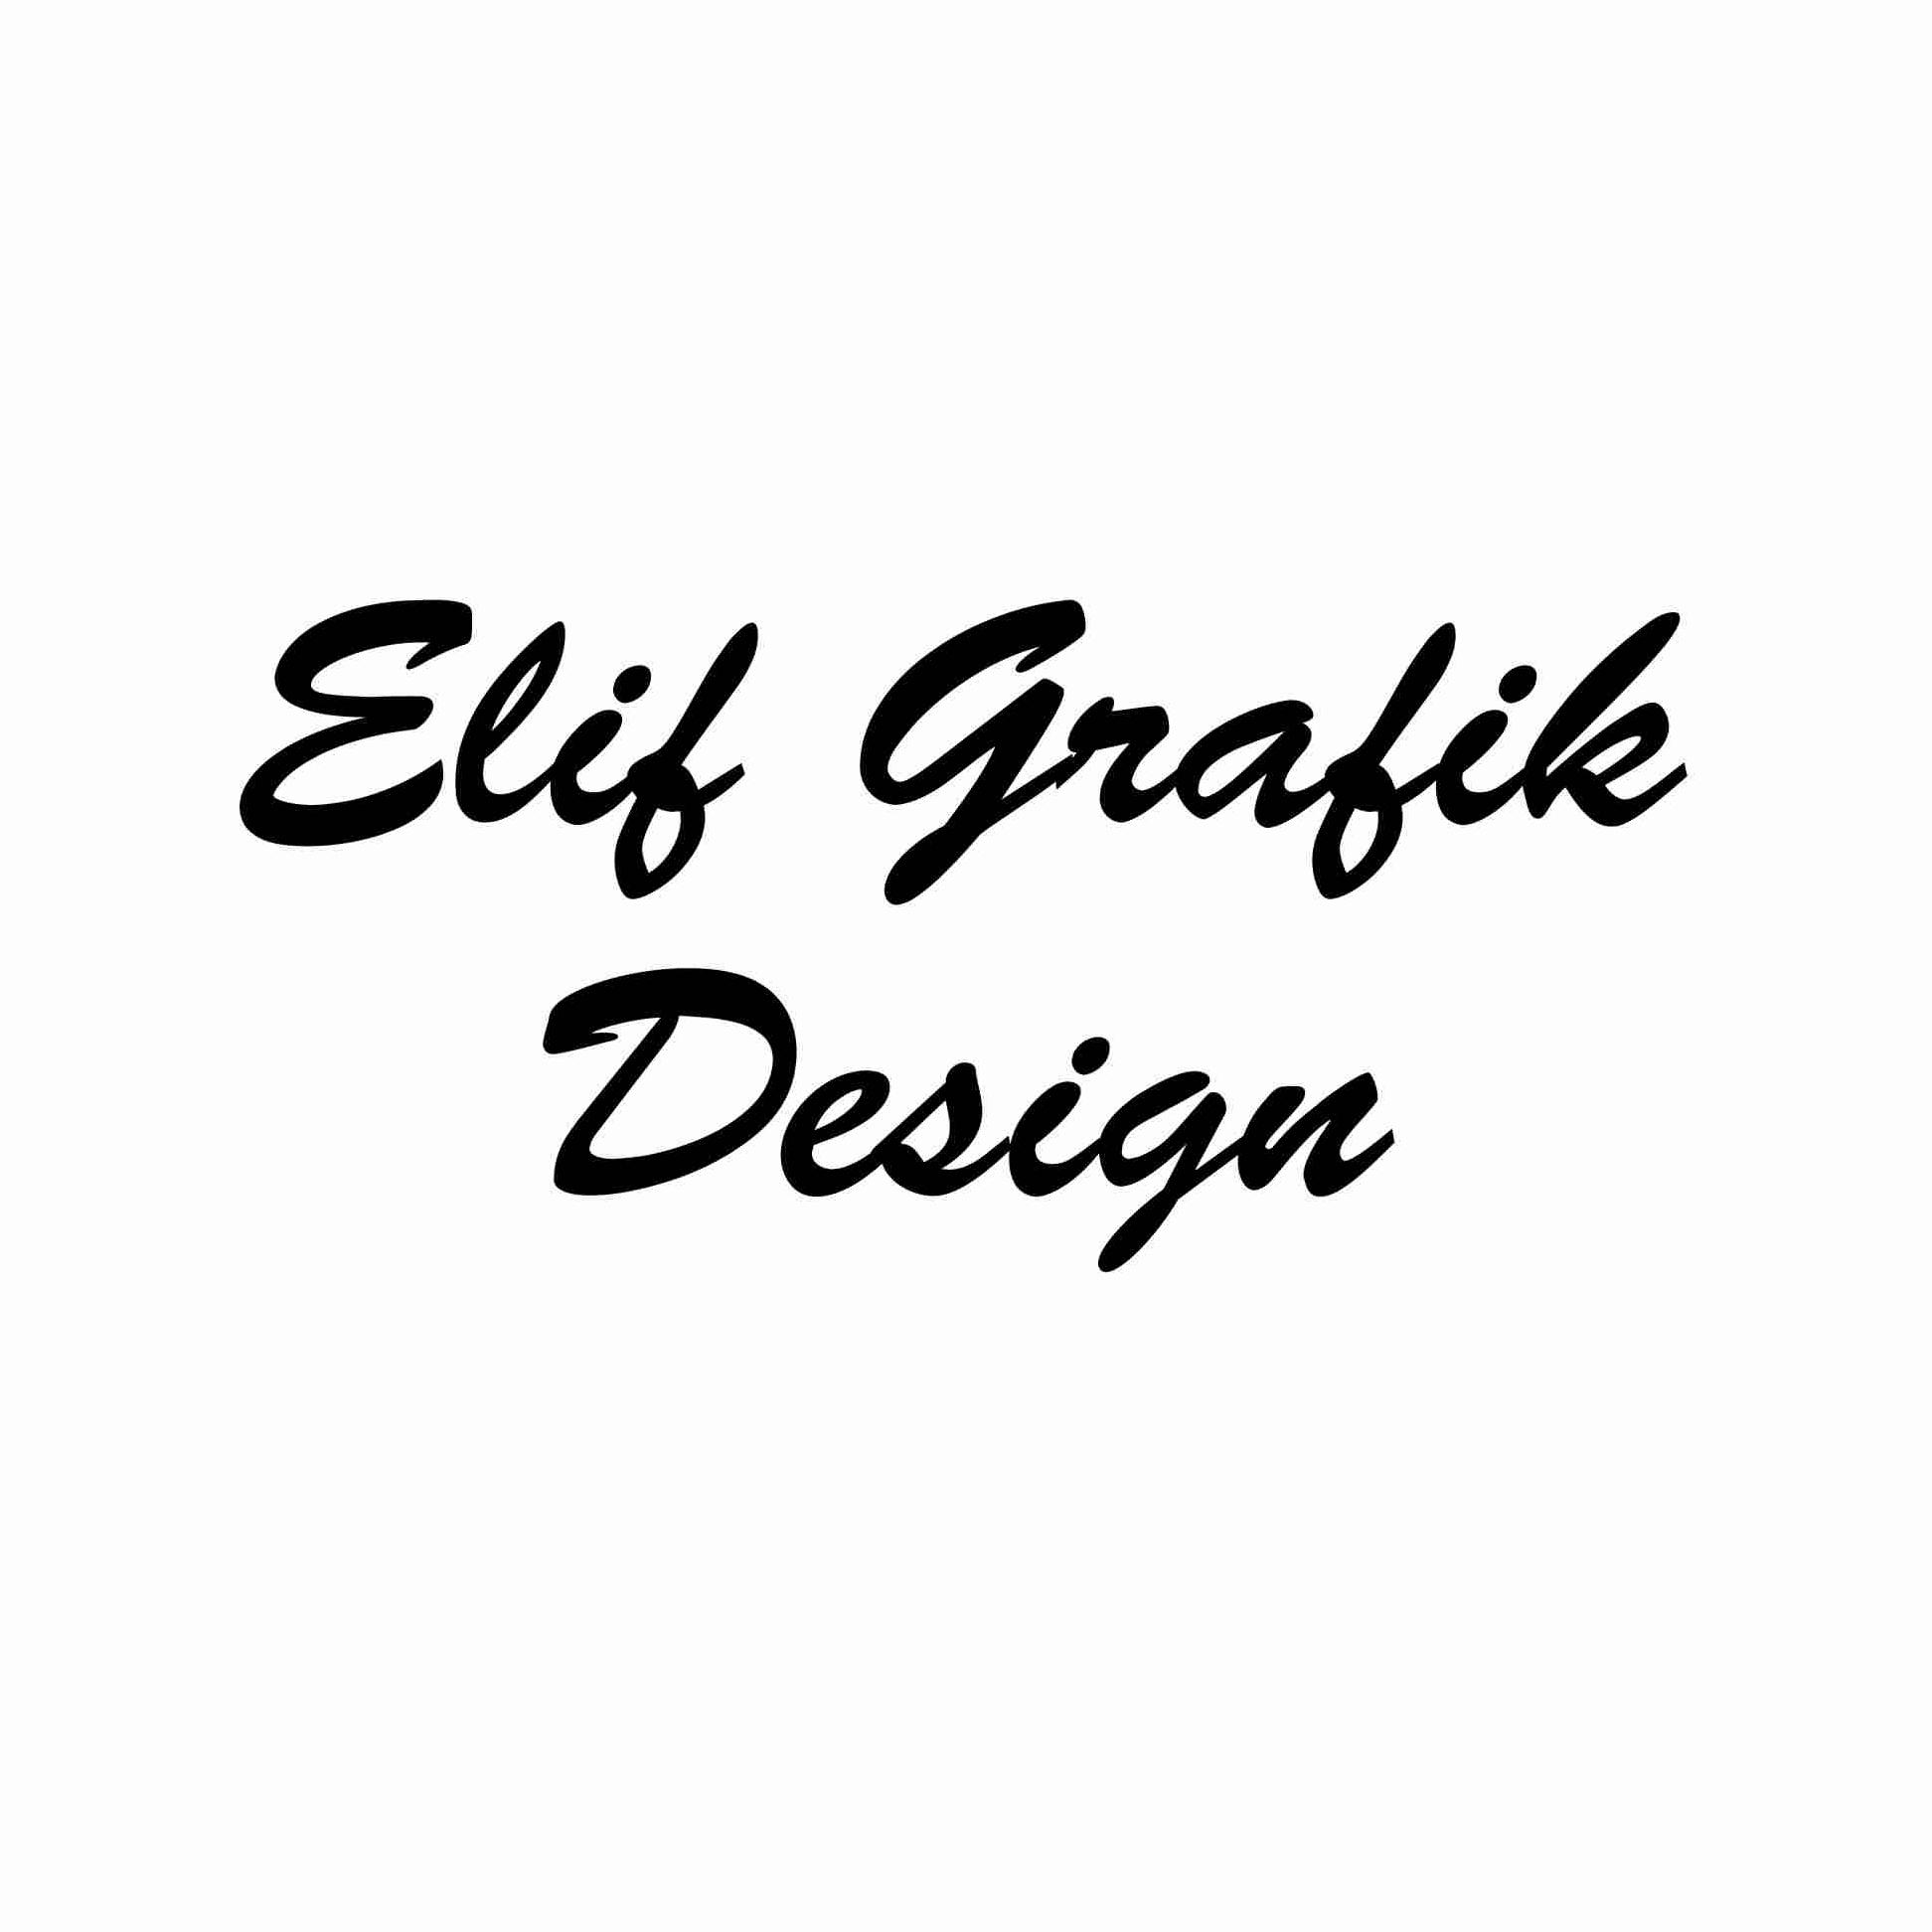 elifgrafikdesign